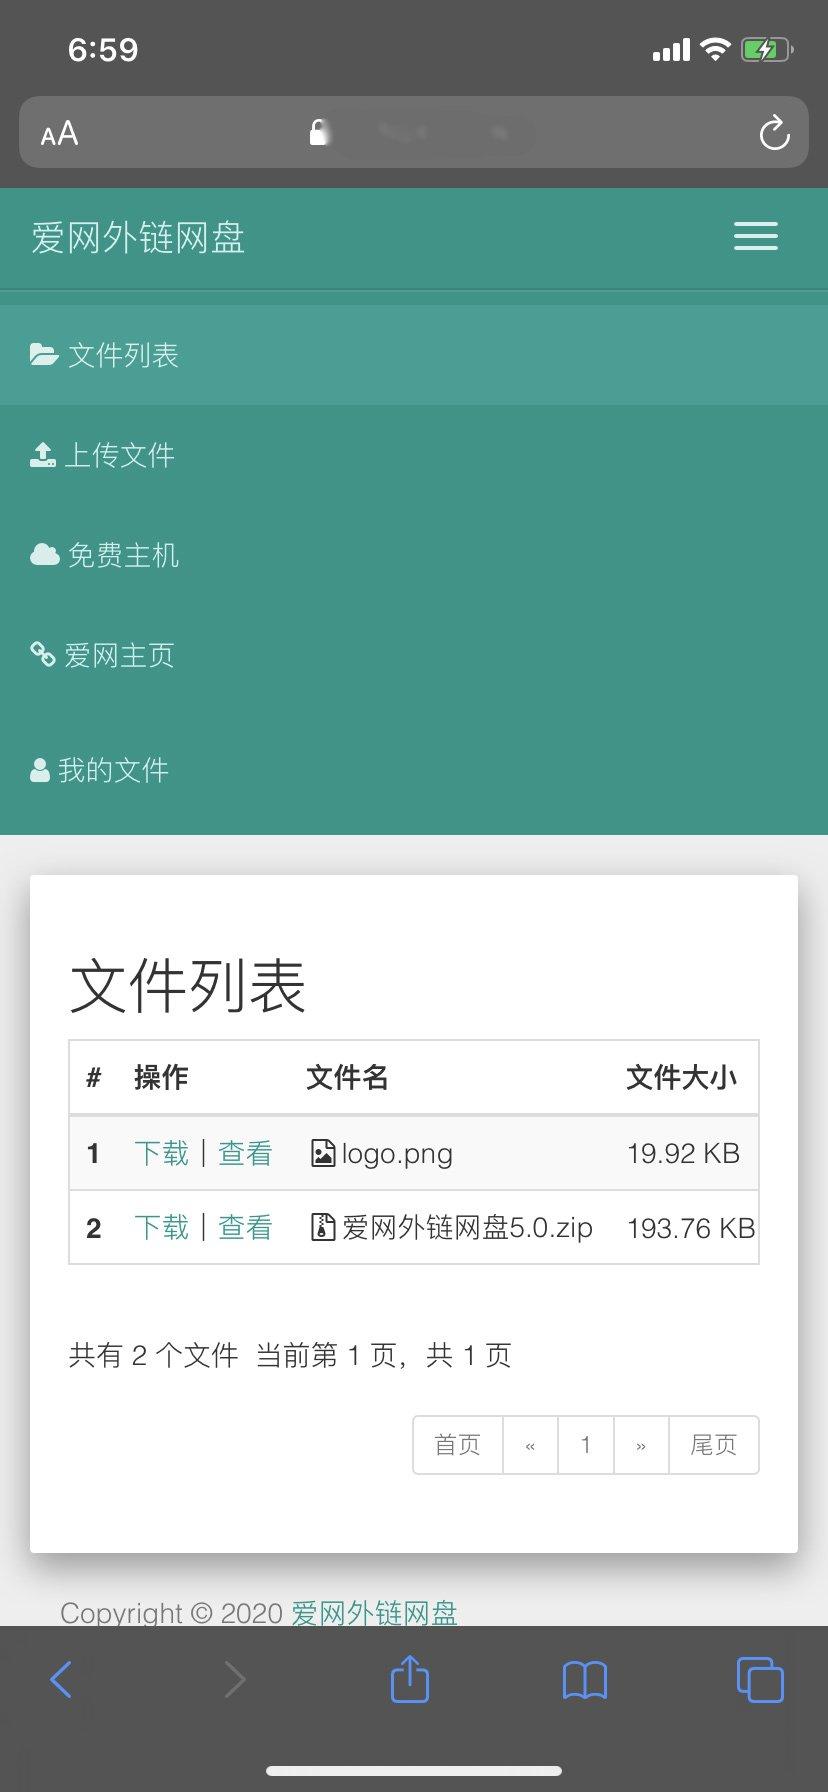 图片网盘外链系统5.0全新前端UI界面设计 支持图片违规检测网站自适应H5源码 第1张